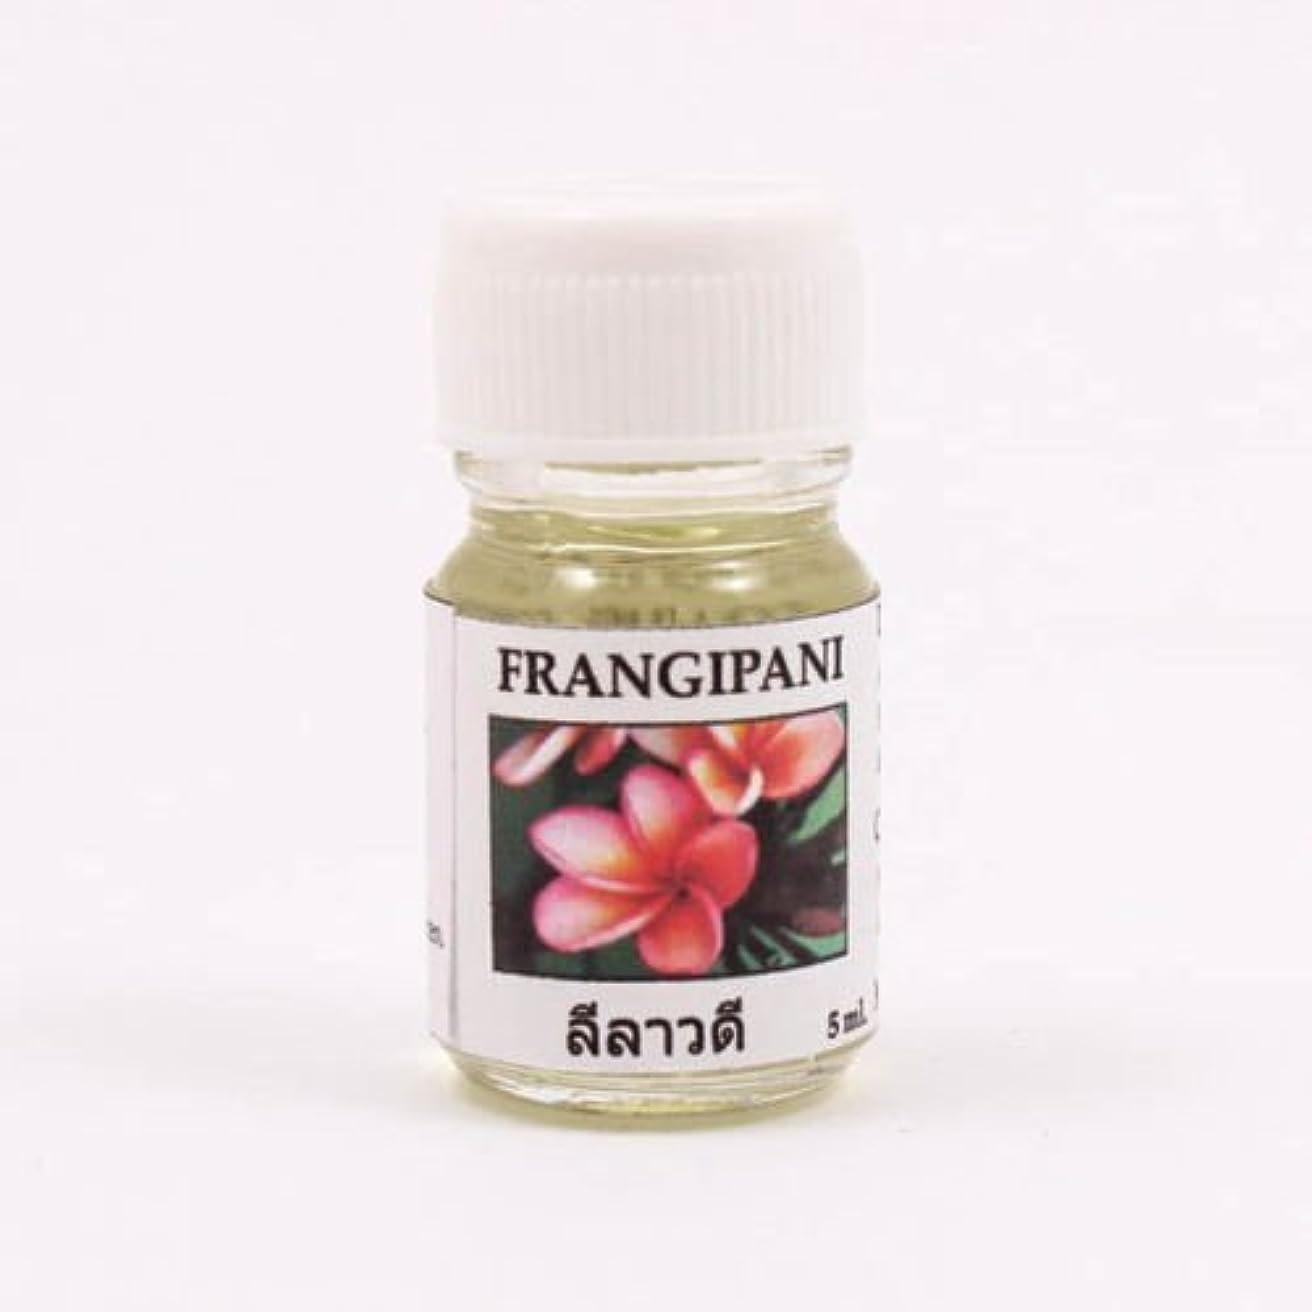 複雑な過激派模索6X Frangipani Aroma Fragrance Essential Oil 5ML. Diffuser Burner Therapy